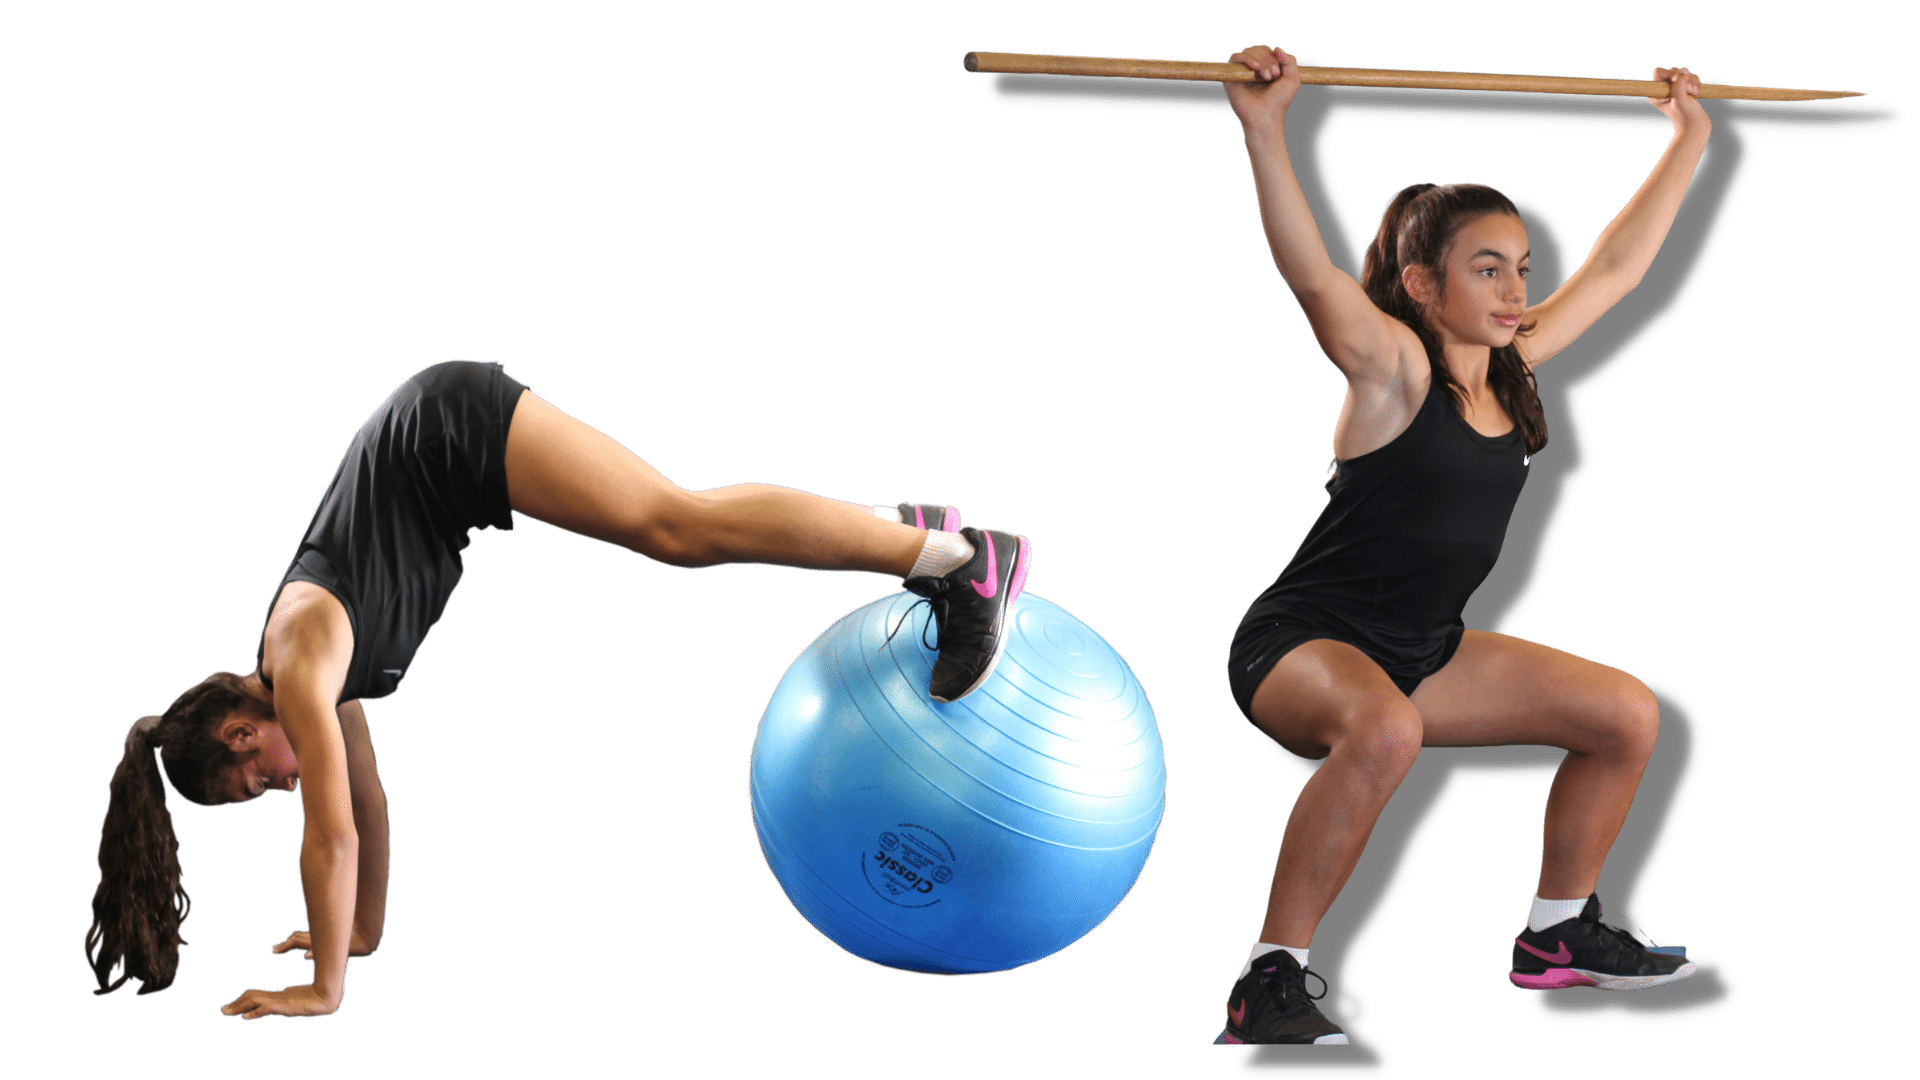 tennis-junior-strength-development